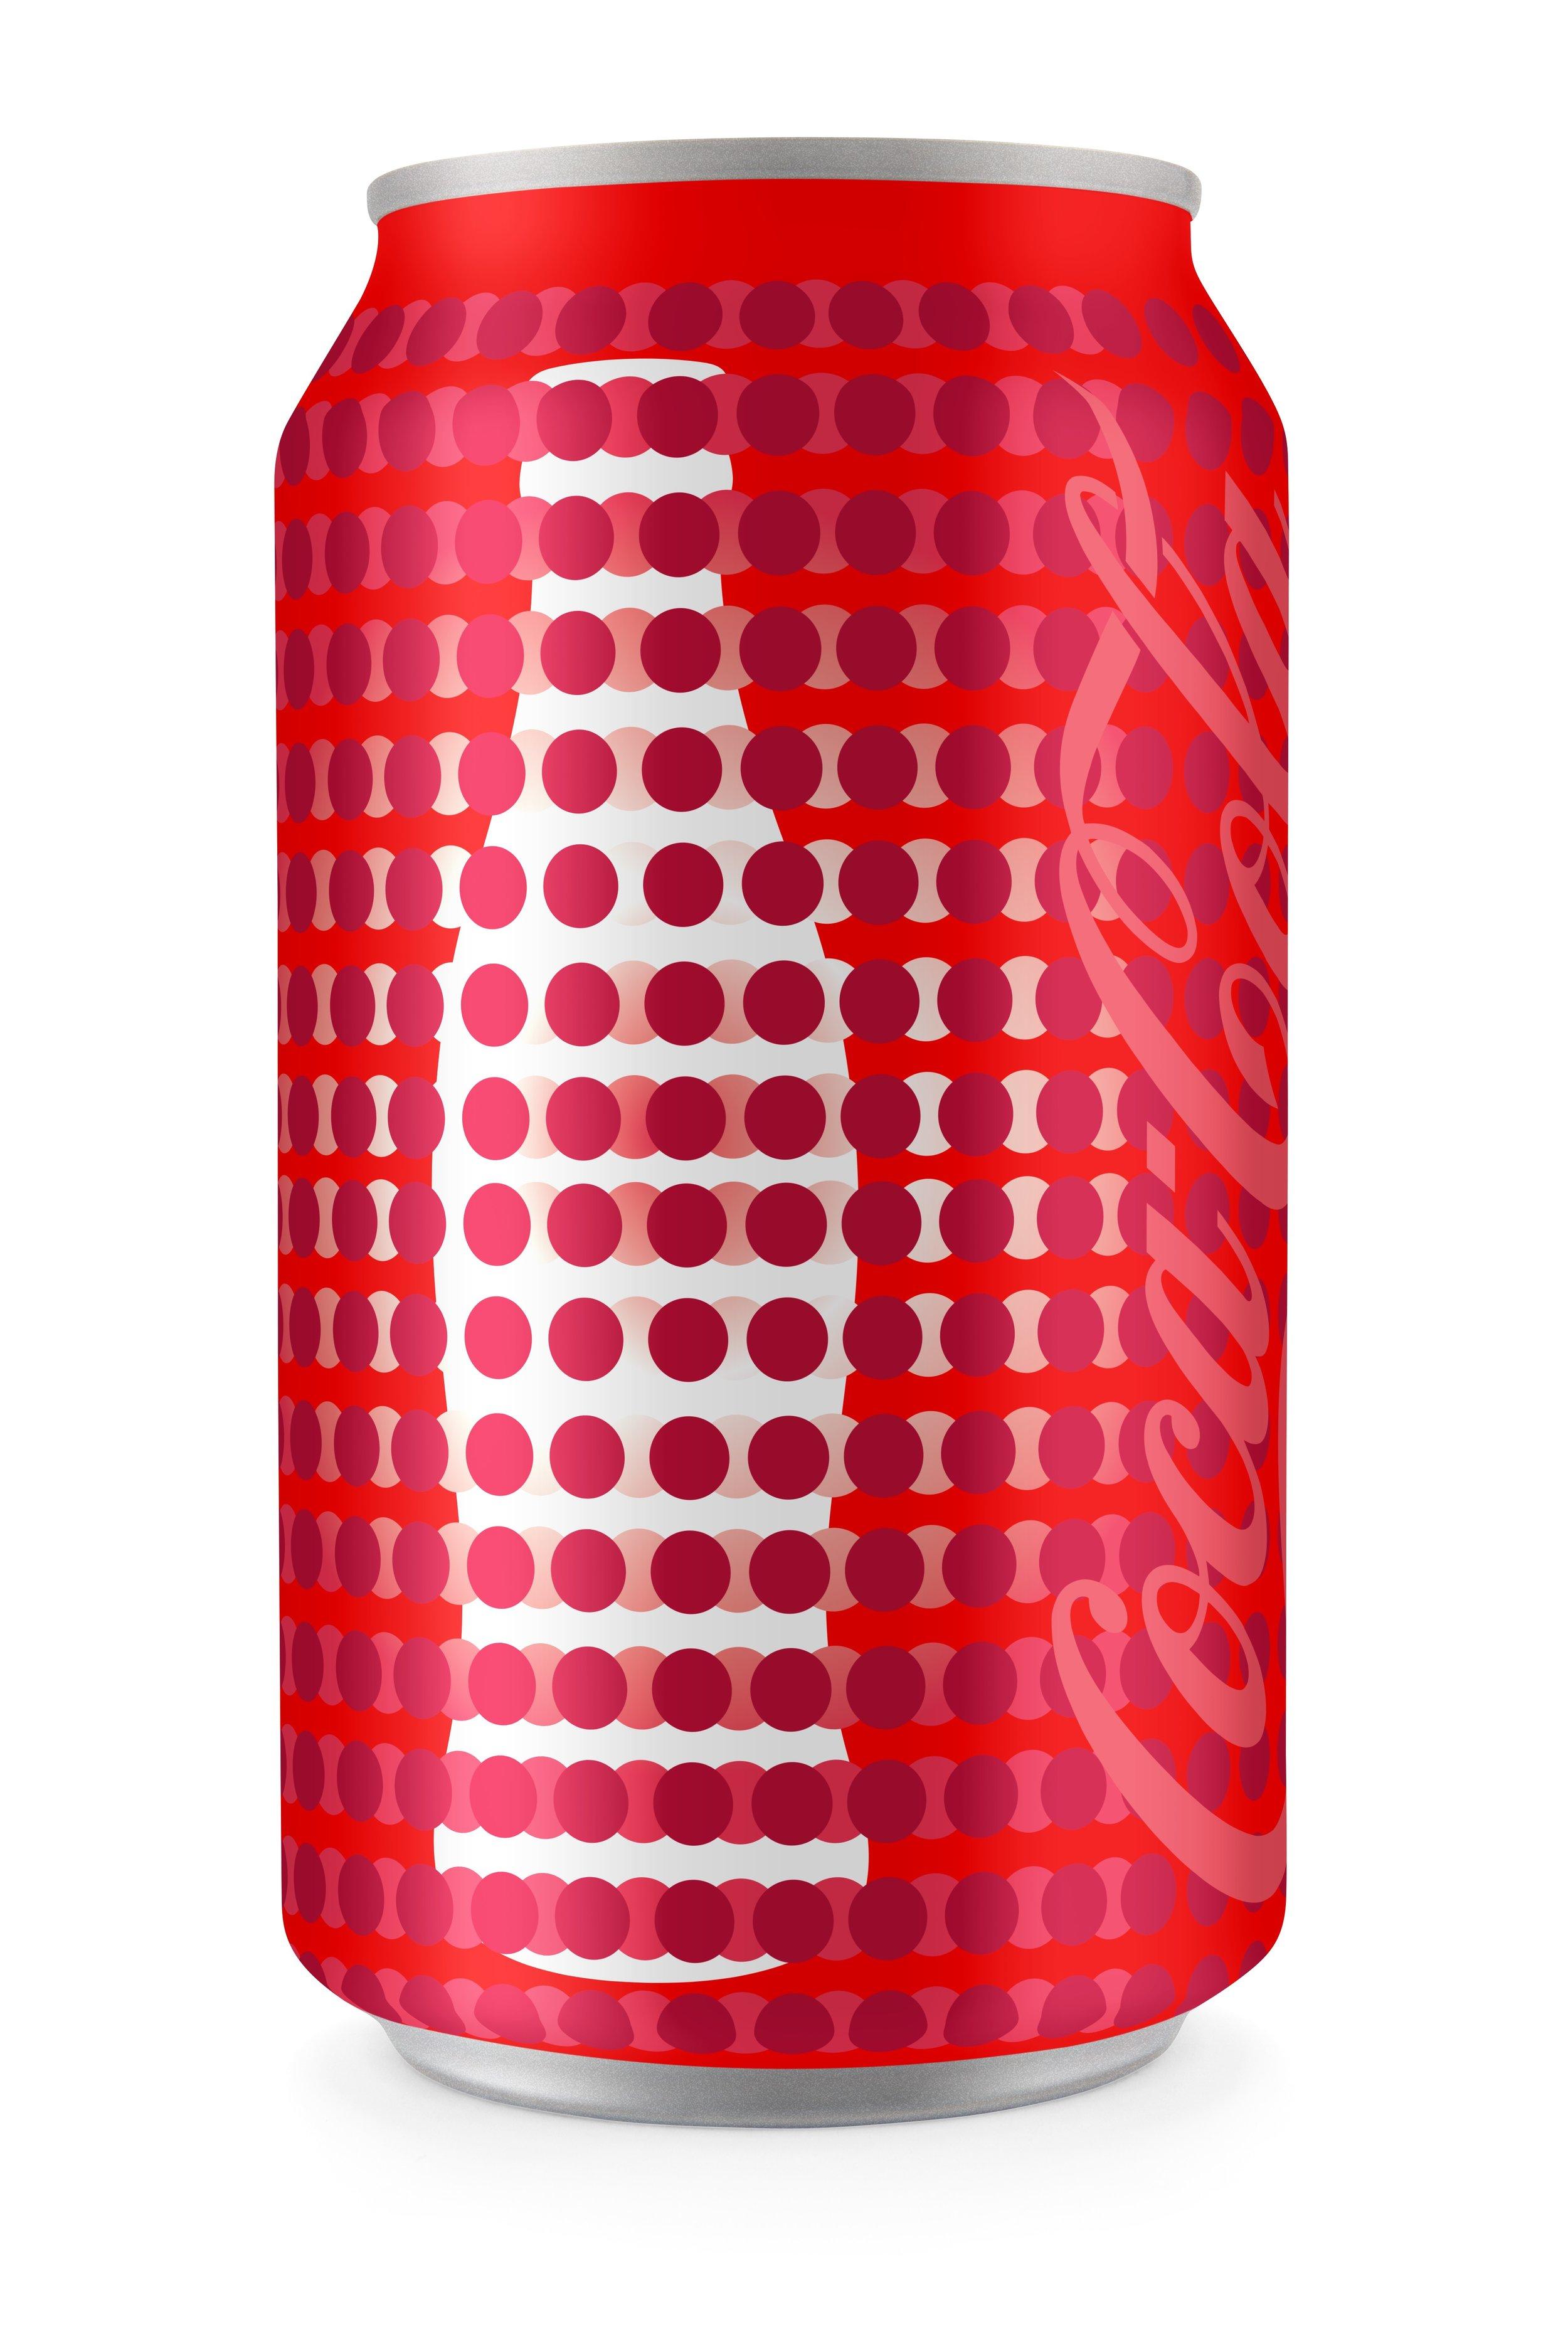 Packaging 0663 2019-06-05_1_2_3_4_5_6_7_8.jpeg